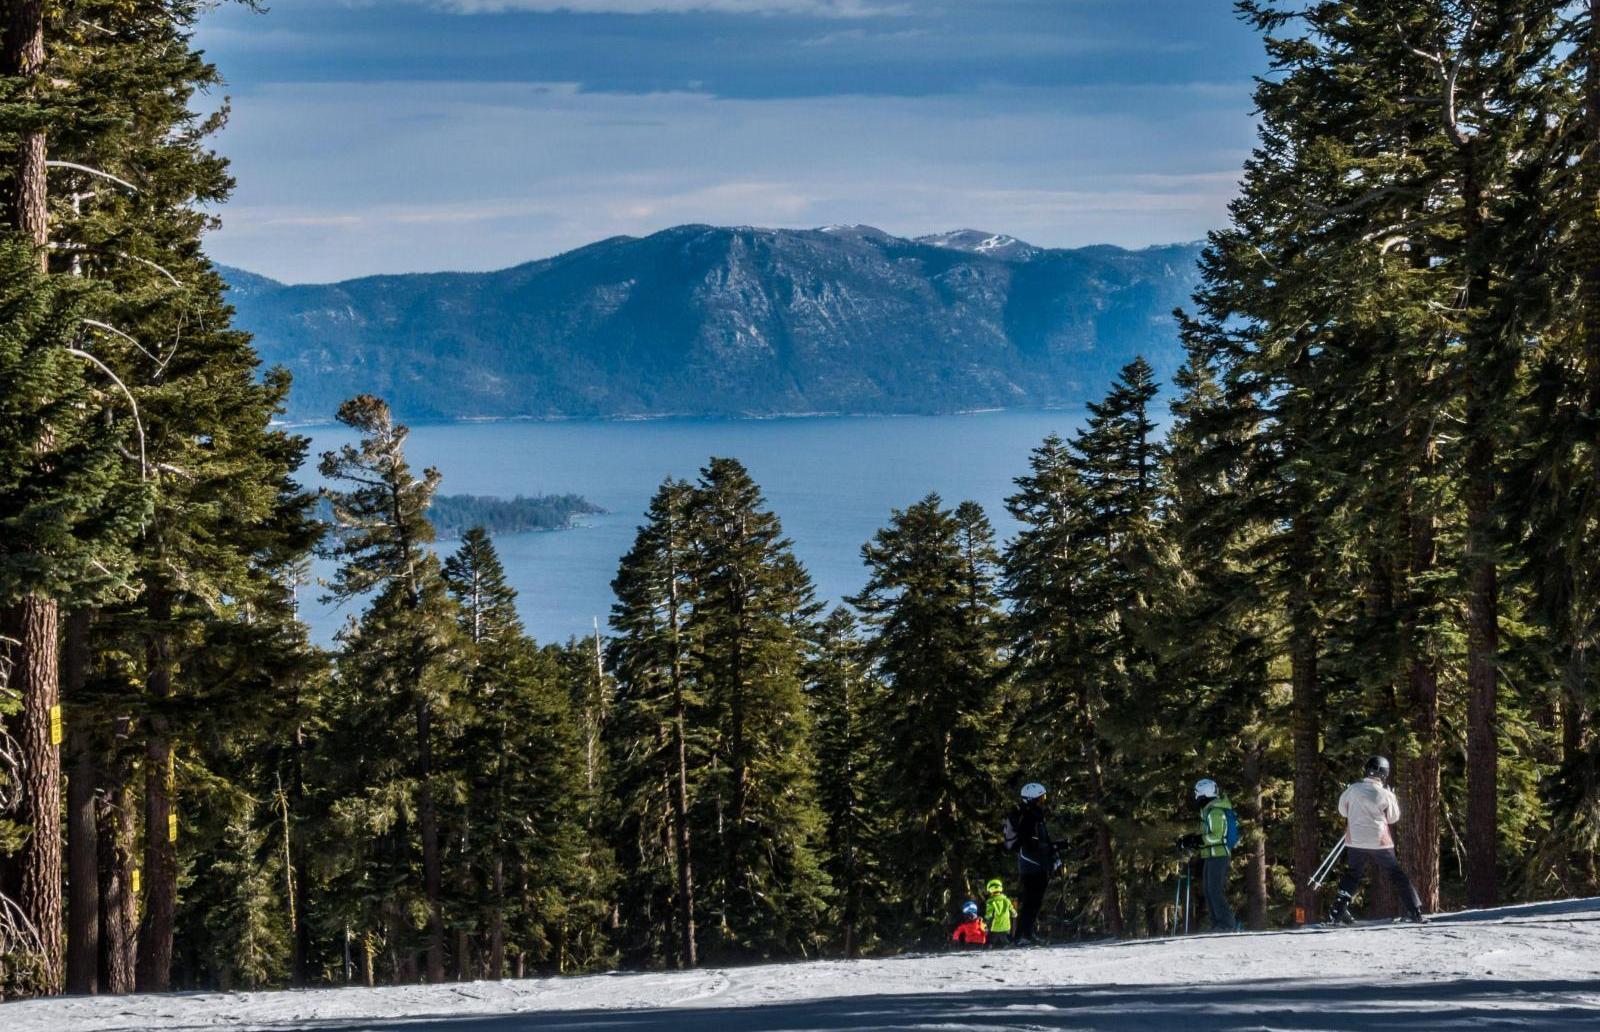 Northstar California overseeing Lake Tahoe